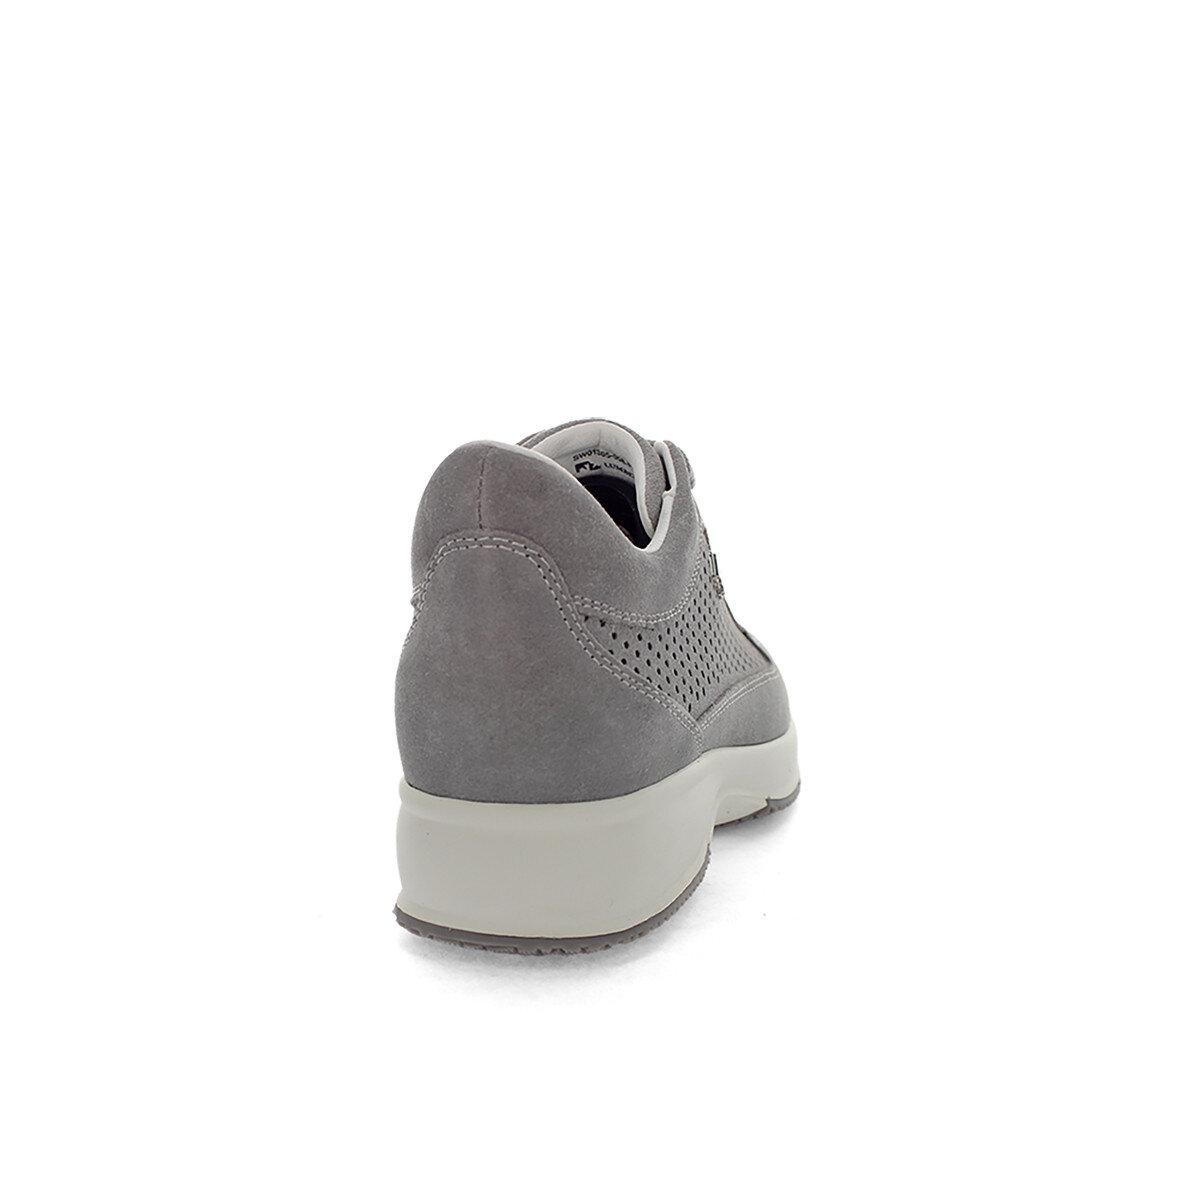 RAUL Sneakers Woman